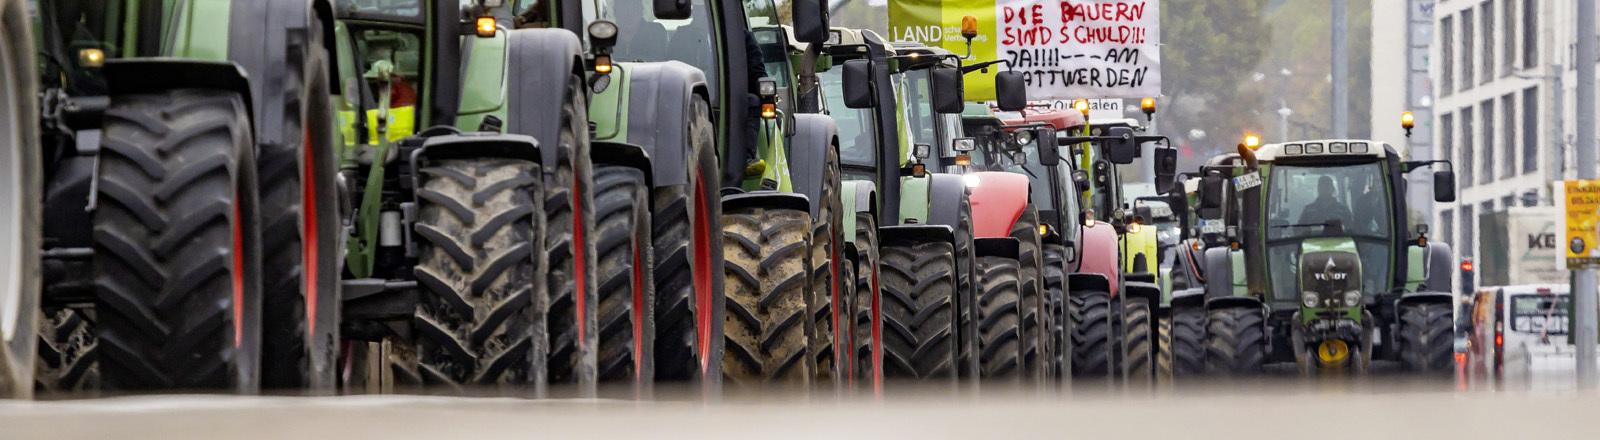 Landwirte demonstrieren auf ihren Traktoren in der Stuttgarter Innenstadt.